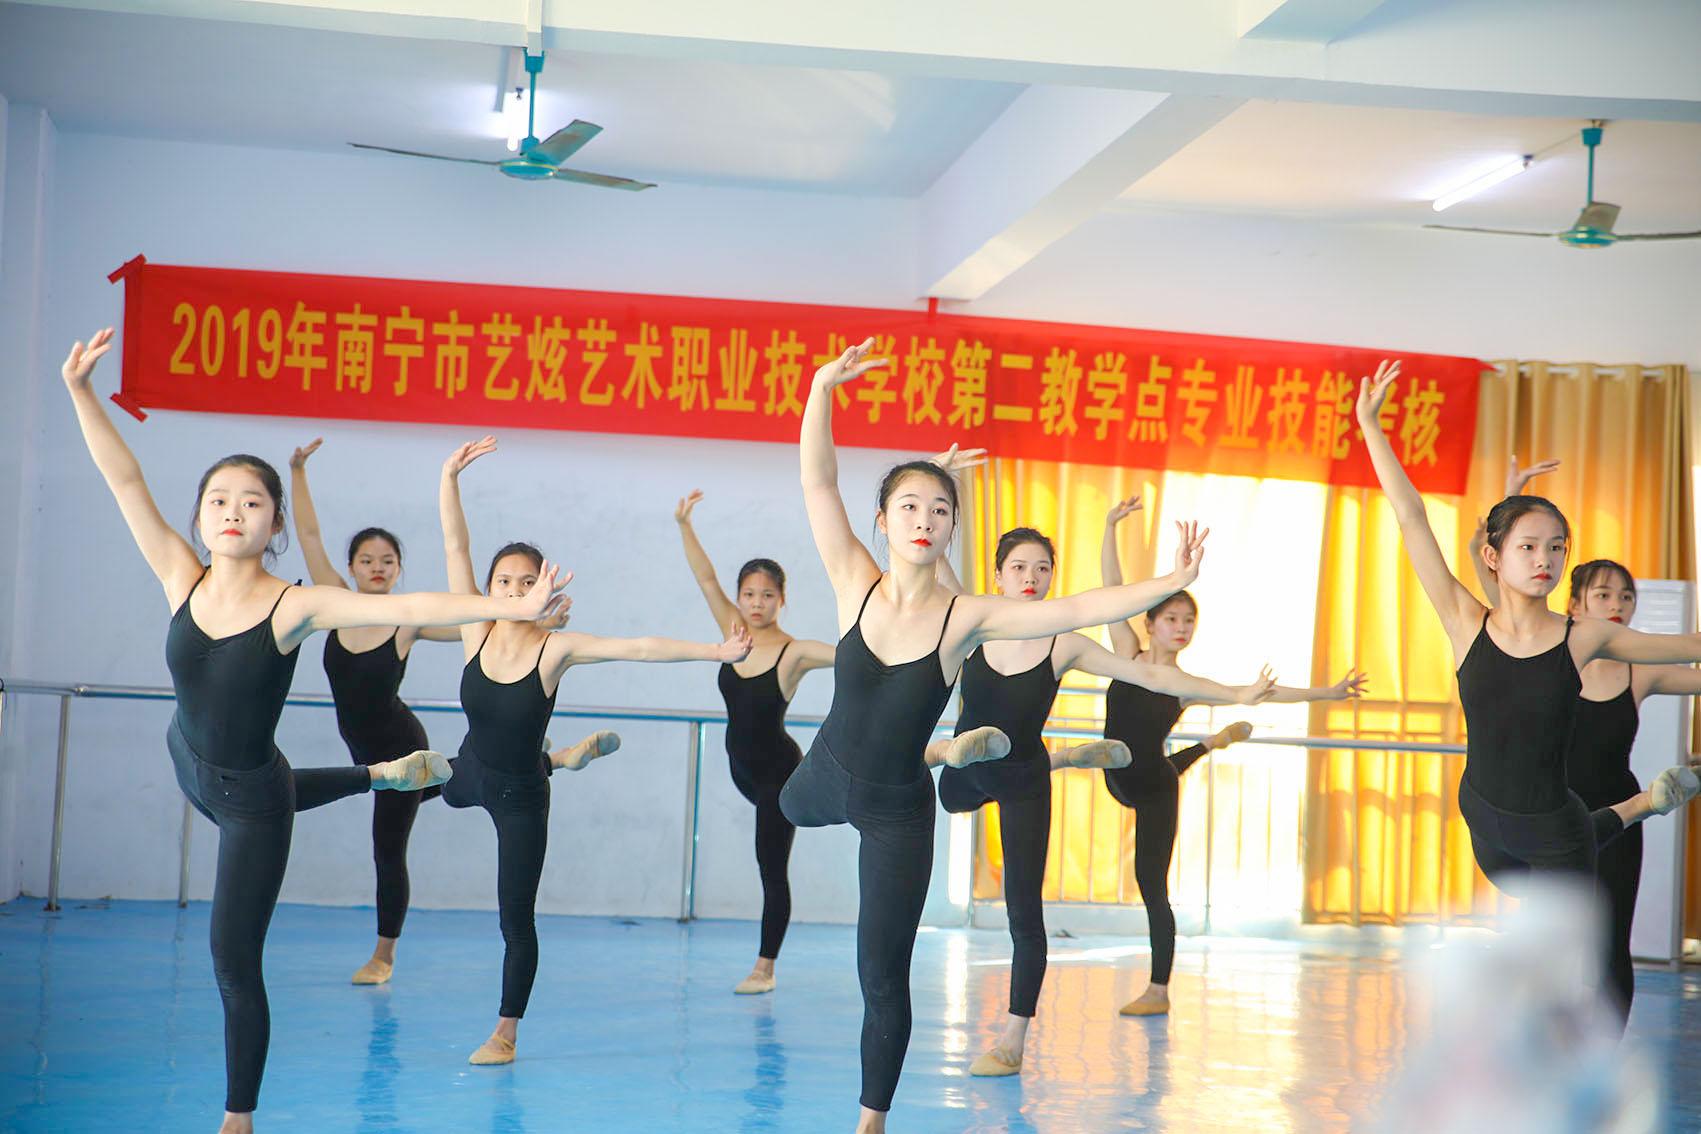 我的舞蹈课 (3).JPG